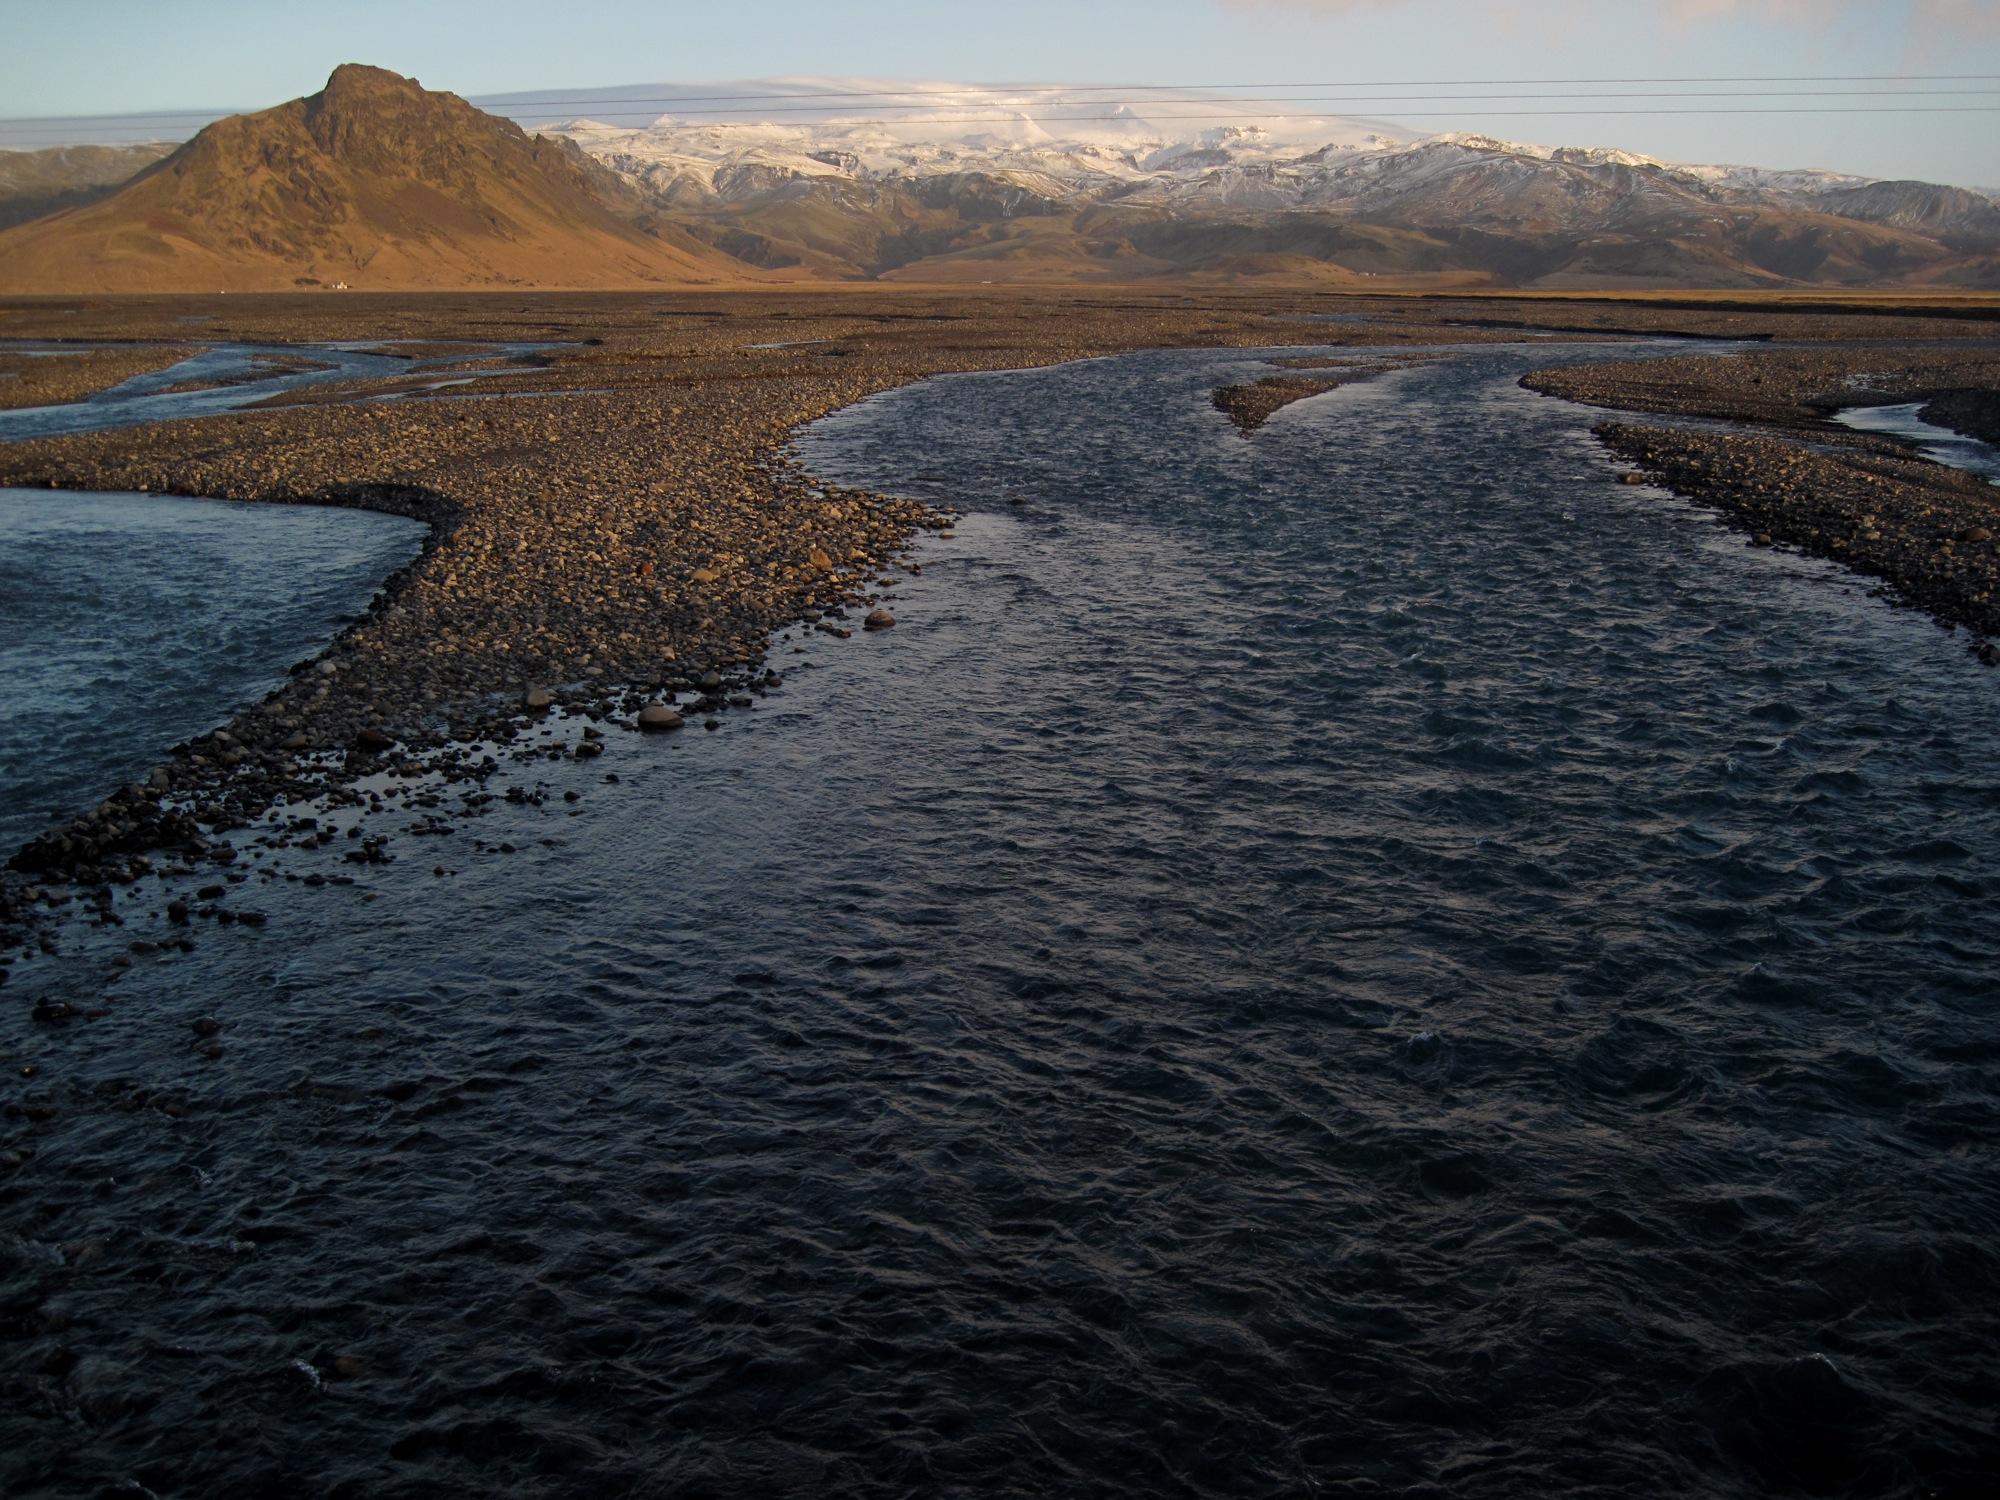 картинки с видами рек морей океанов россии правильного выбора этой